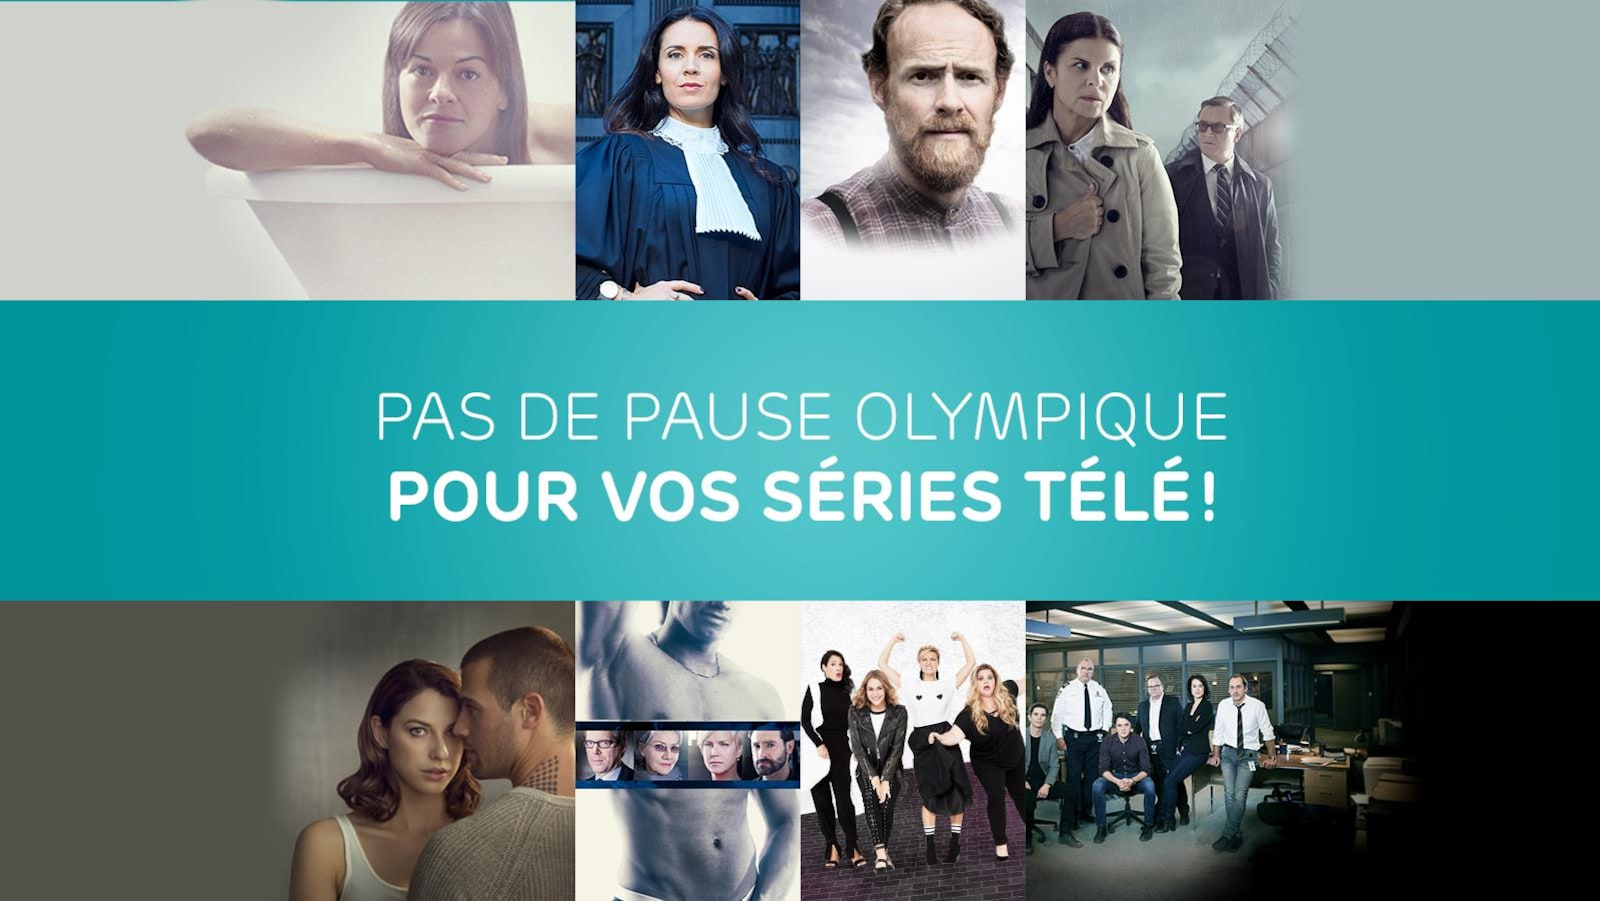 Pas de pause olympique pour vos séries télé!